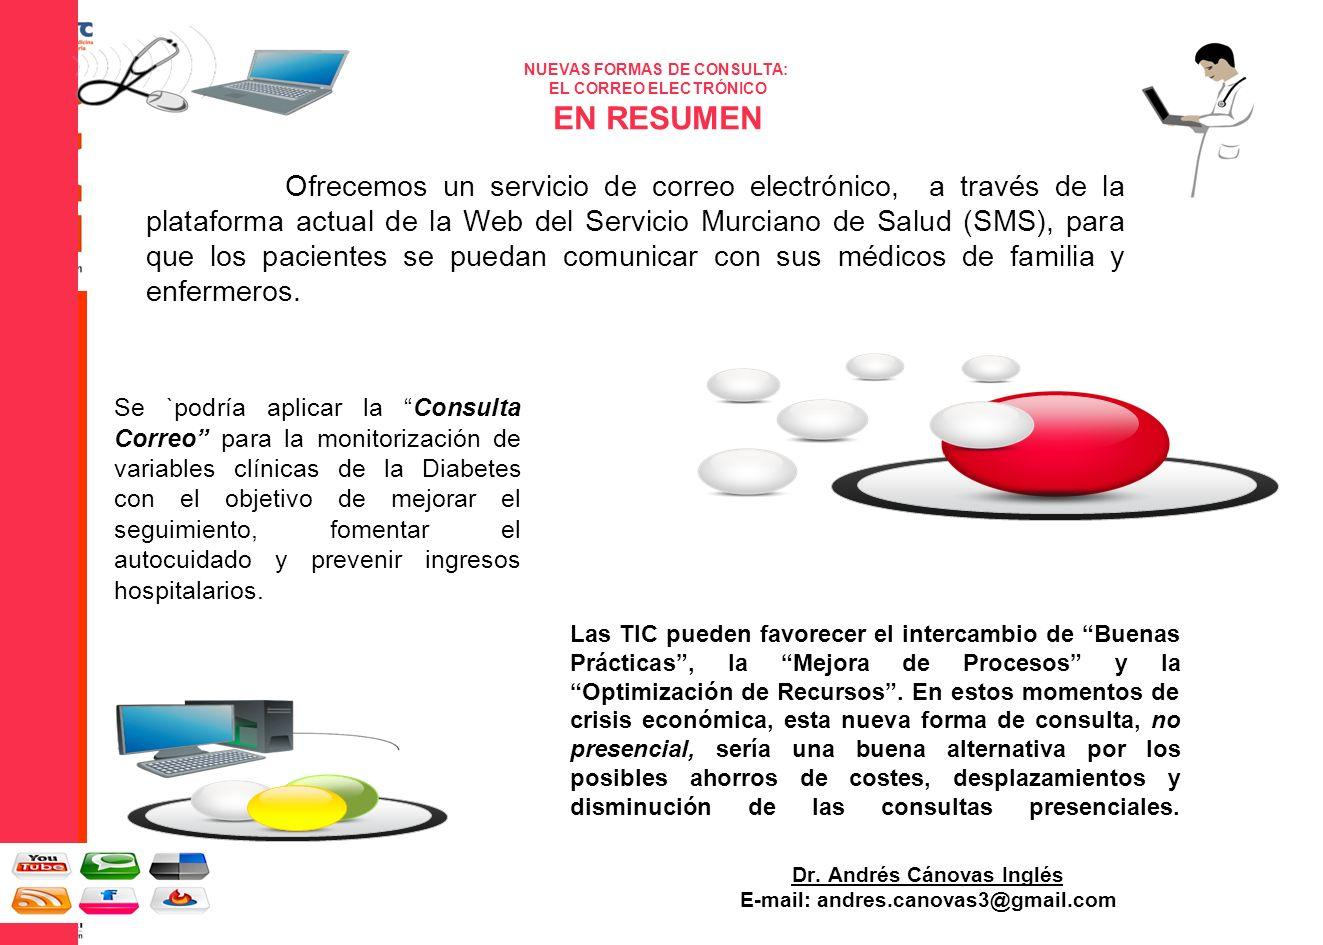 Las TIC pueden favorecer el intercambio de Buenas Prácticas, la Mejora de Procesos y la Optimización de Recursos.